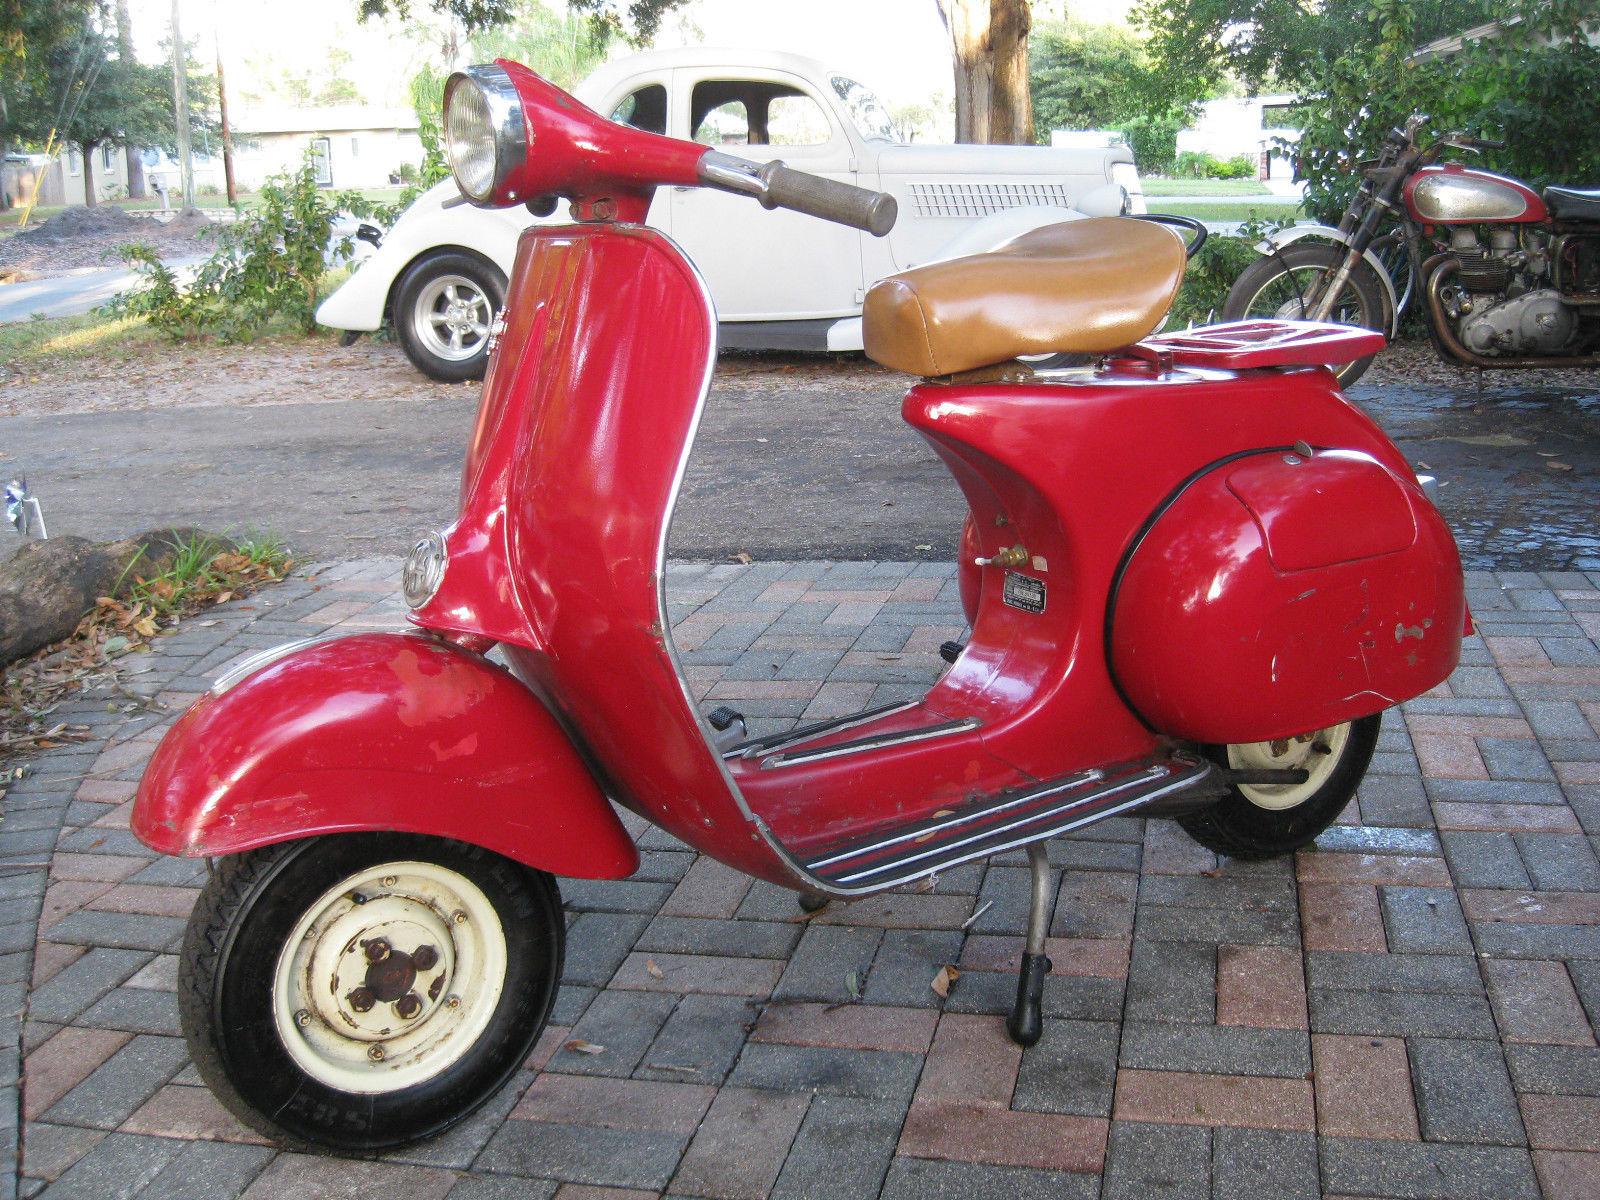 1963 allstate vespa 125 piaggio 125 scooter no reserve. Black Bedroom Furniture Sets. Home Design Ideas